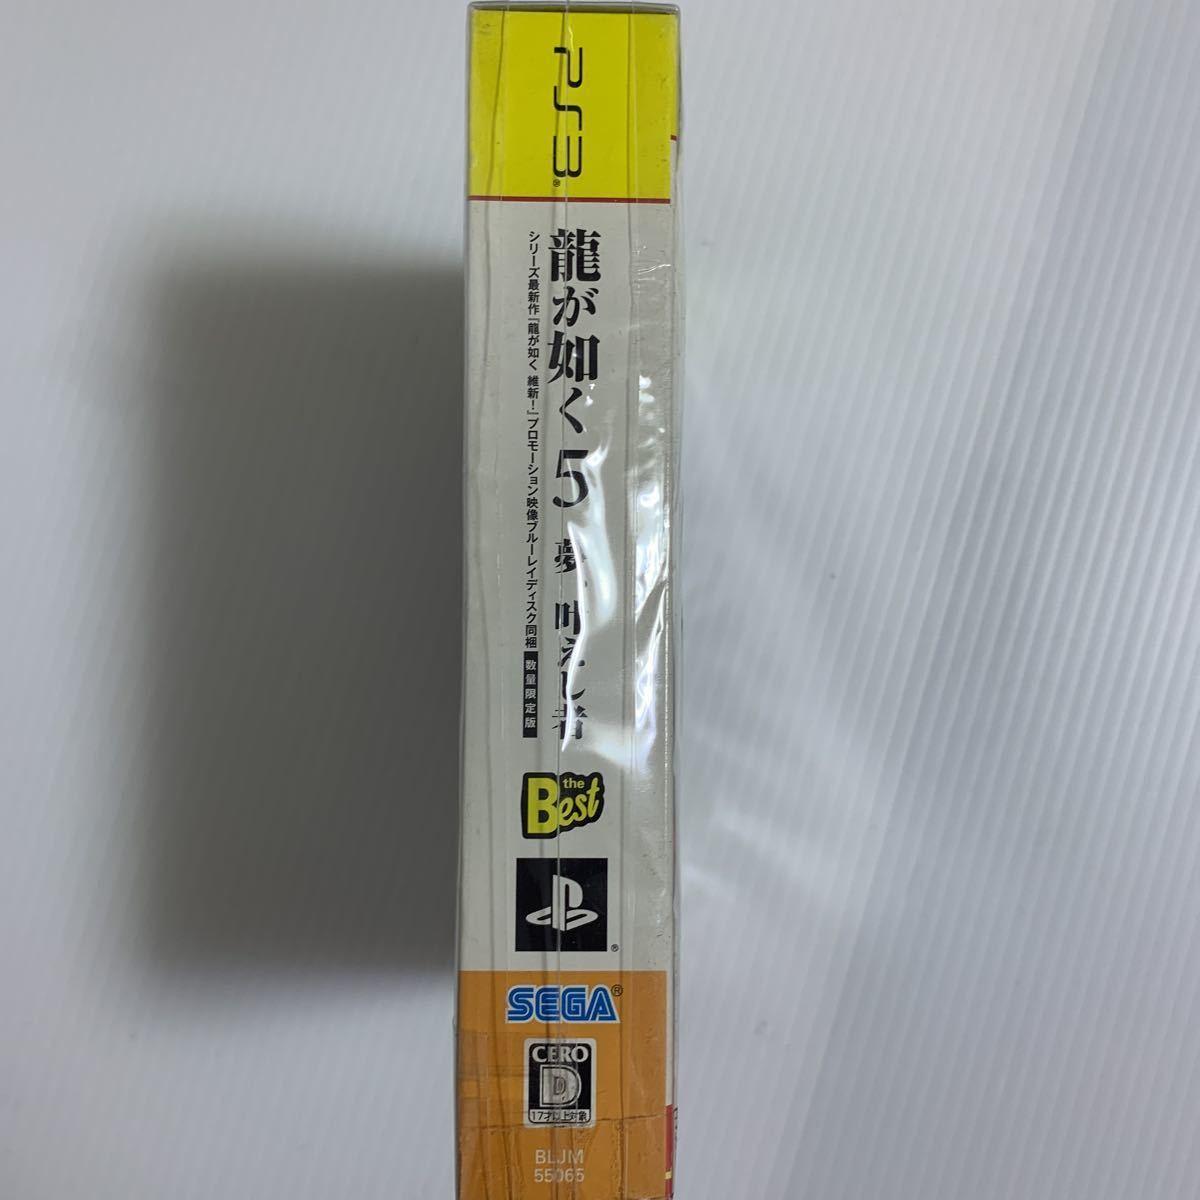 ■新品 ■龍が如く5 夢、叶えし者 PlayStation3 the Best 数量限定版 プロモーション映像ブルーレイ同梱_画像7